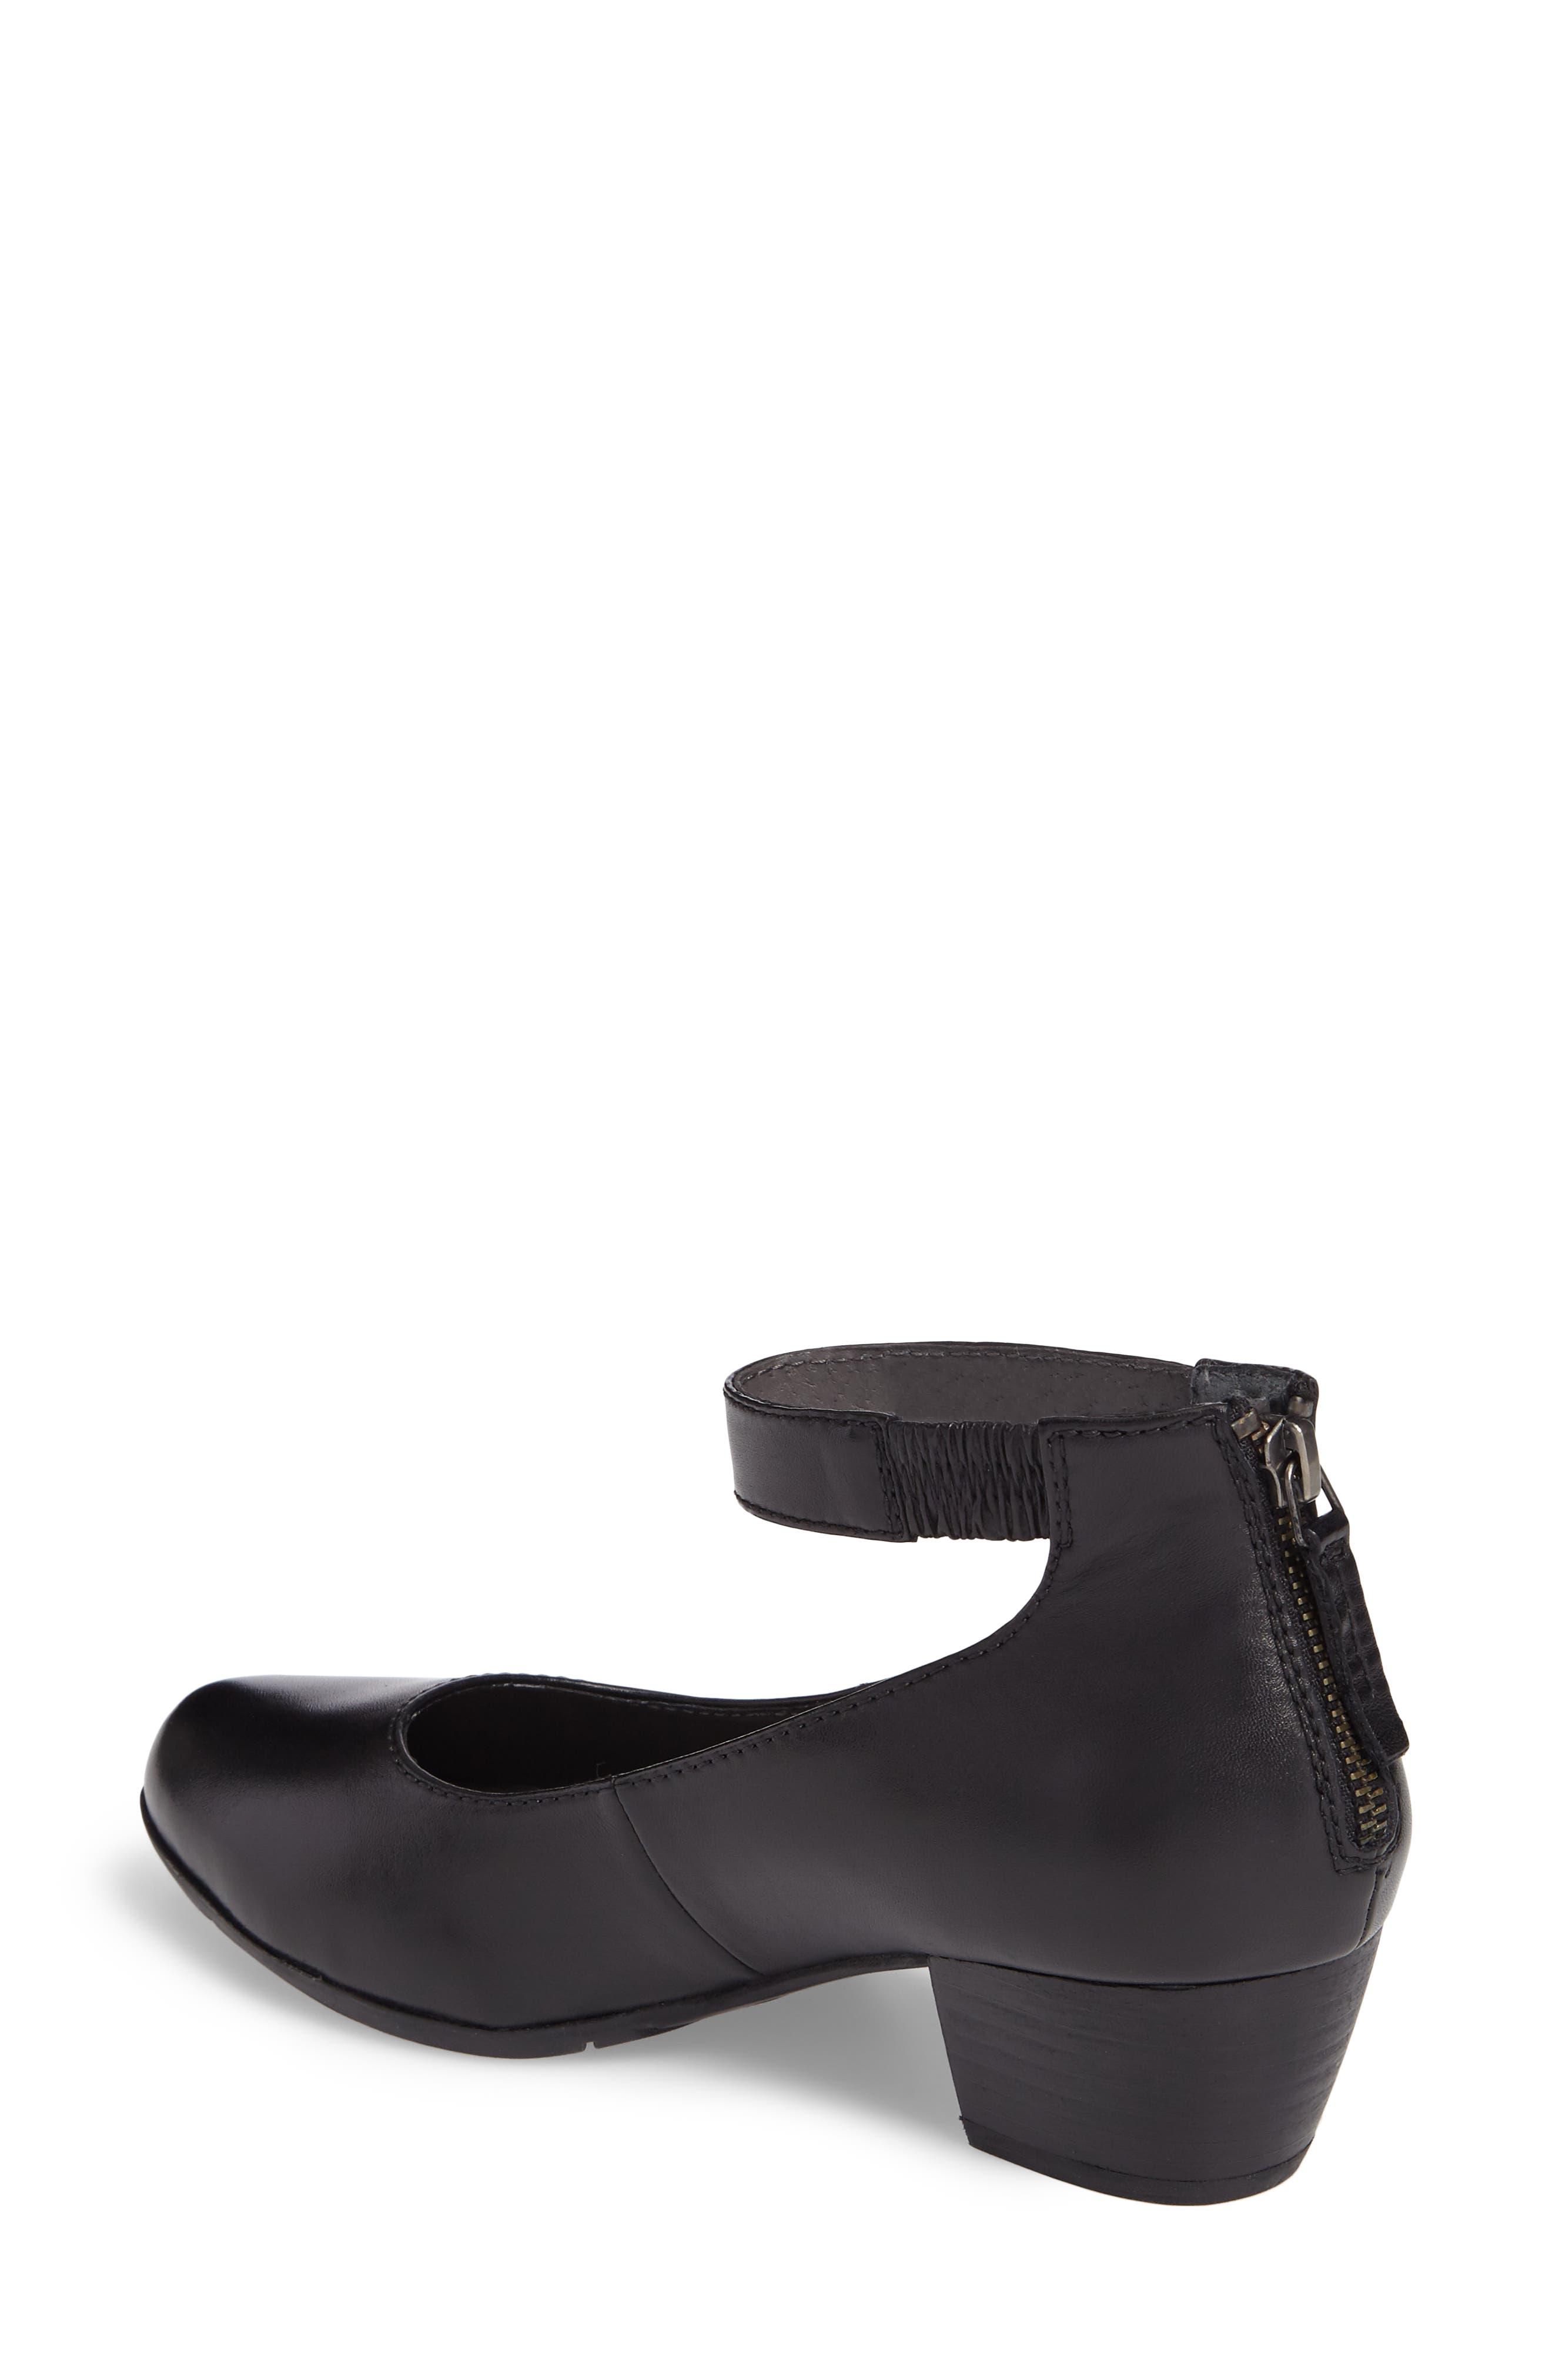 Sue 09 Ankle Strap Pump,                             Alternate thumbnail 2, color,                             Black Leather